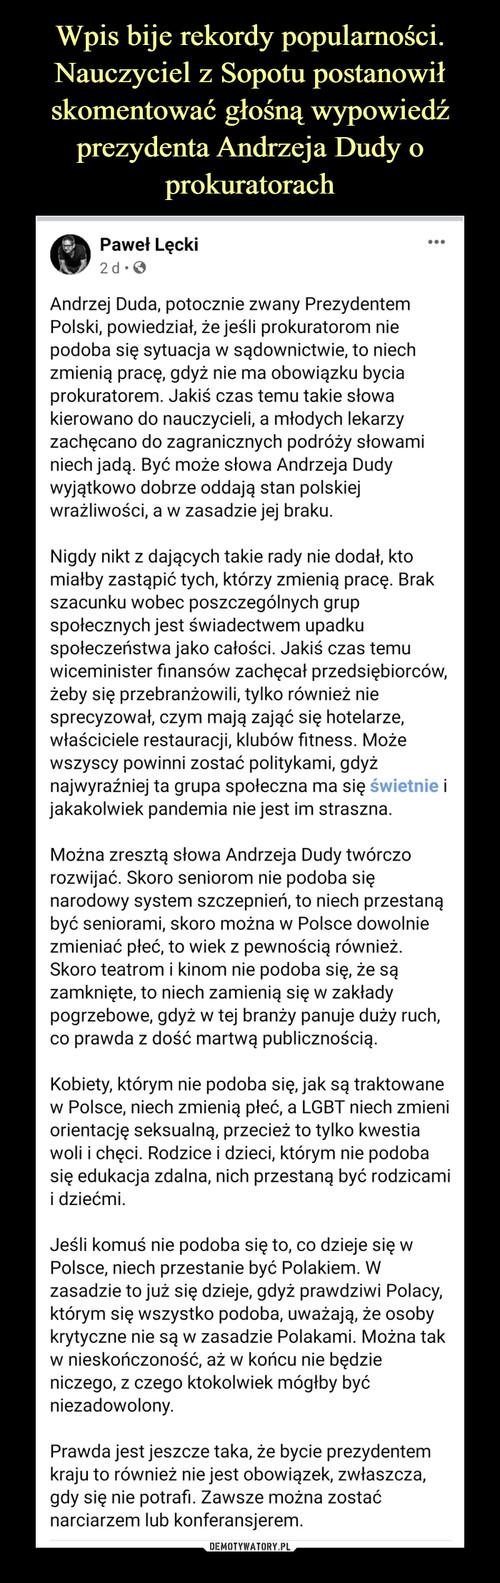 Wpis bije rekordy popularności. Nauczyciel z Sopotu postanowił skomentować głośną wypowiedź prezydenta Andrzeja Dudy o prokuratorach